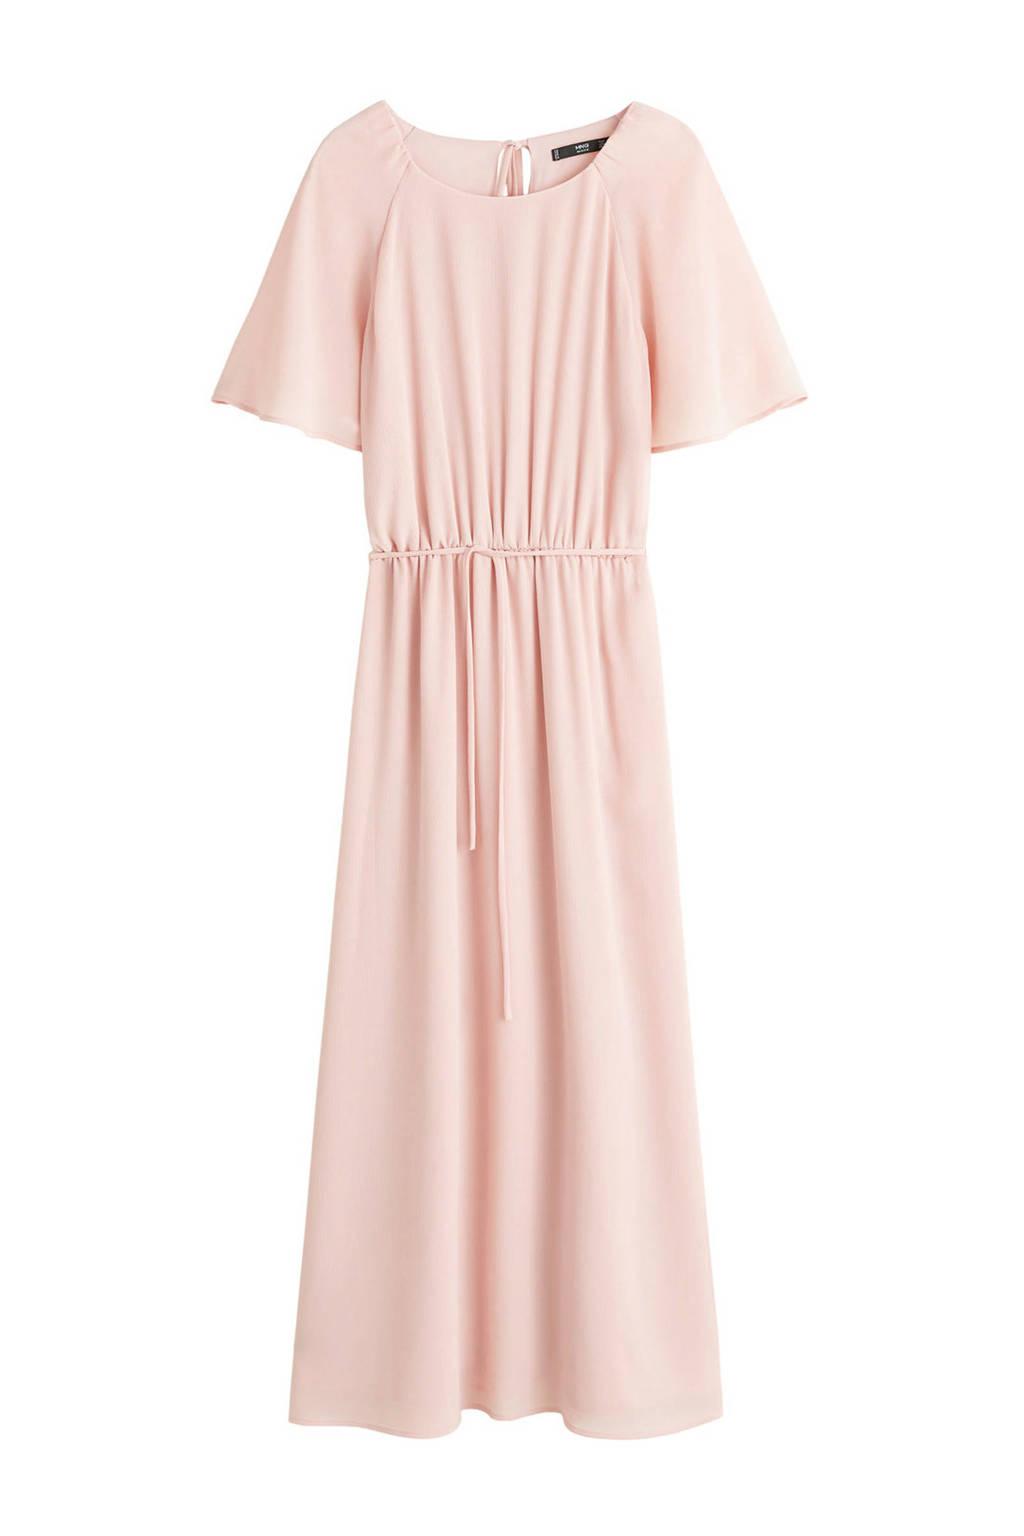 verschillende stijlen laatste stijl knap Mango jurk pastelroze | wehkamp